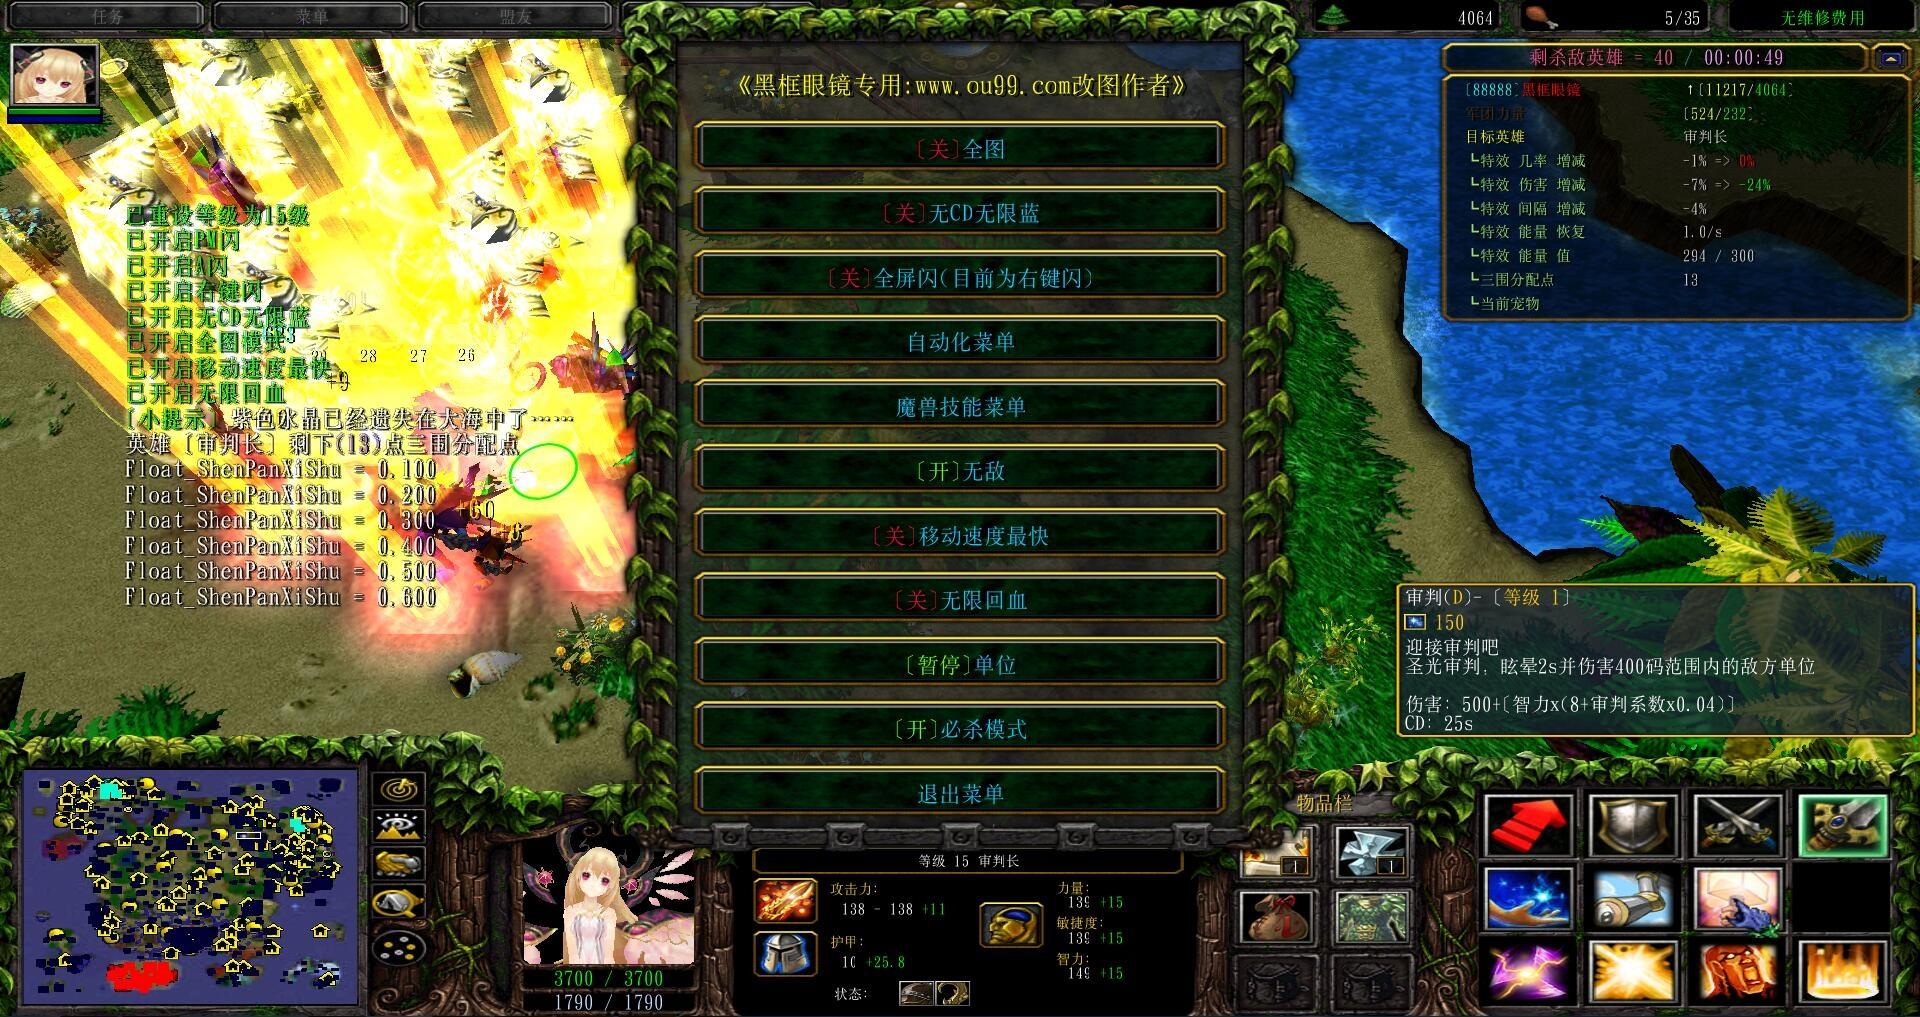 翡翠花园7.0.47特别版黑式破解